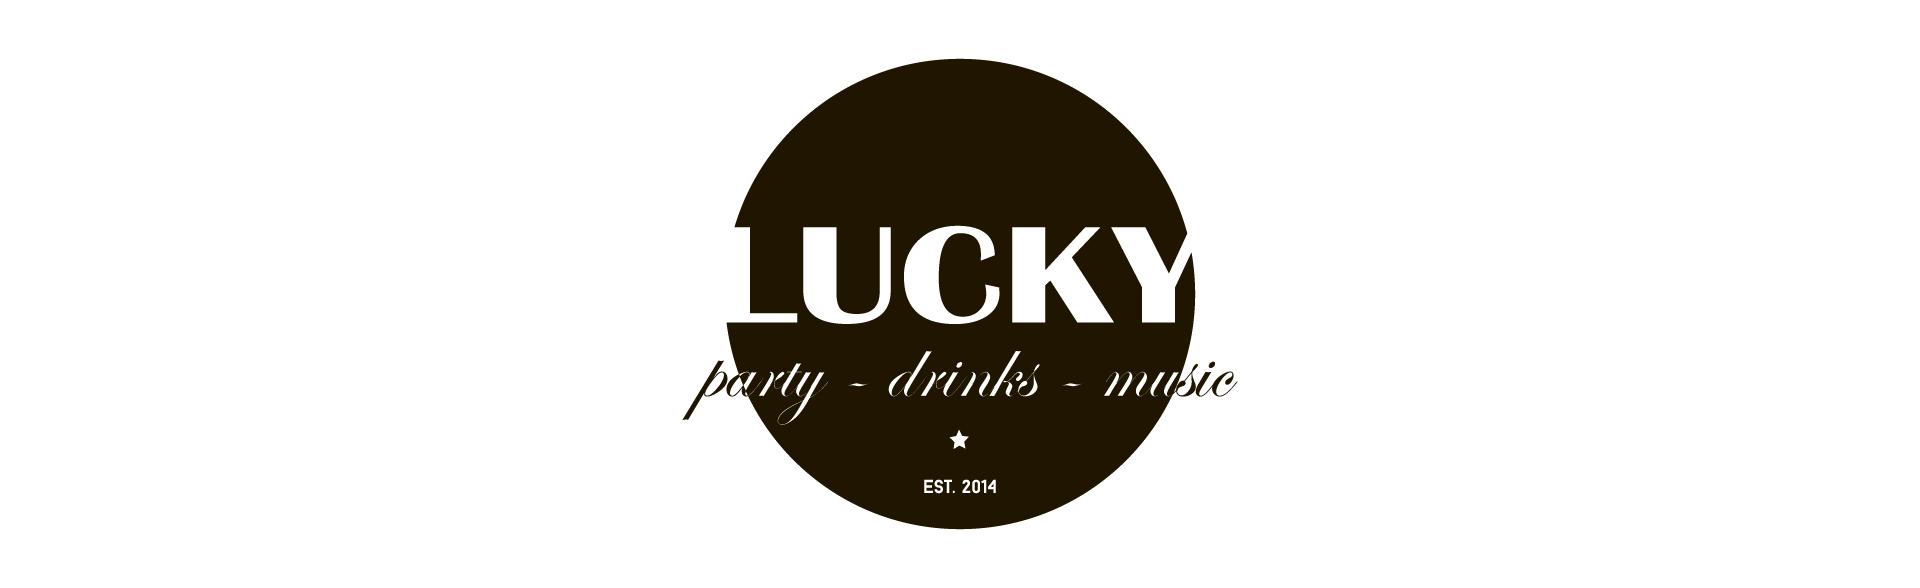 Lucky - HMS Brands - кейсы, брендинг - логотип